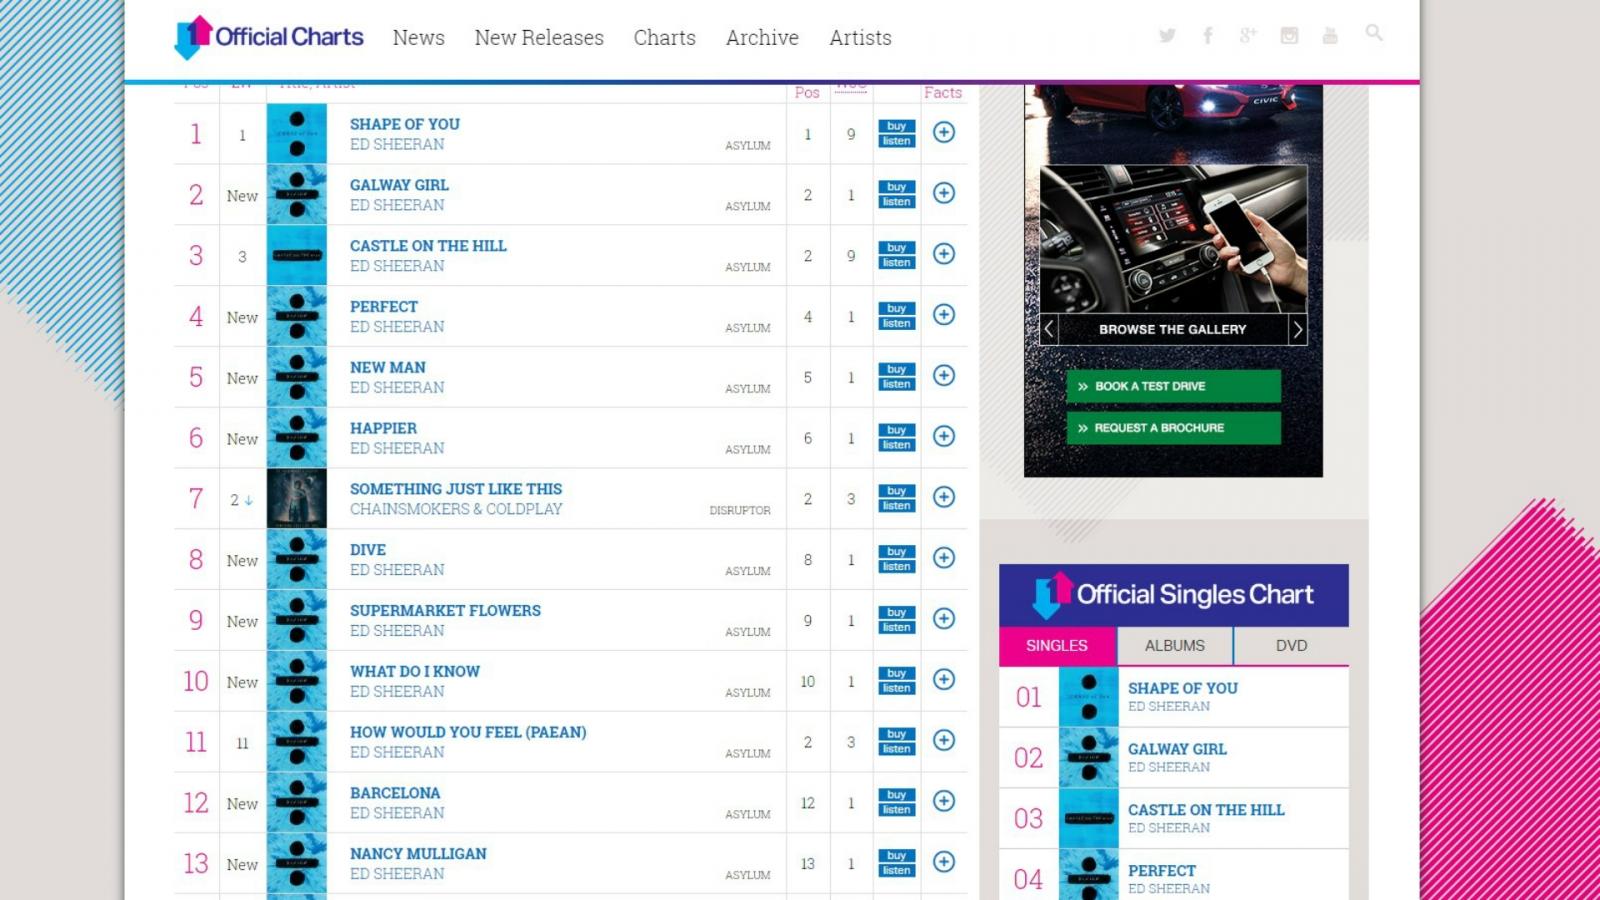 Ed Sheeran charts